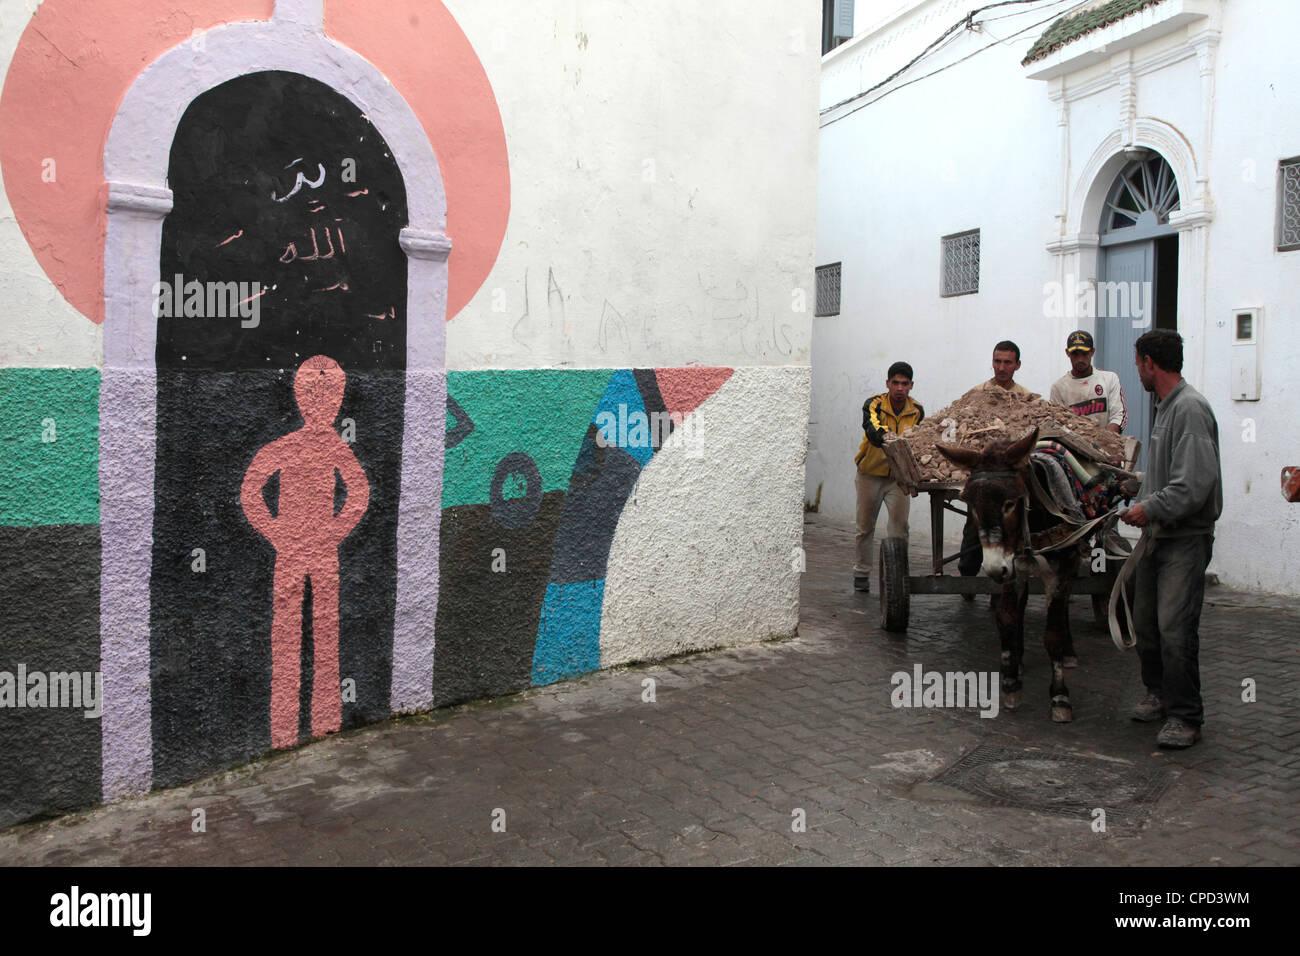 La vita quotidiana in Azemmour, Marocco, Africa Settentrionale, Africa Immagini Stock